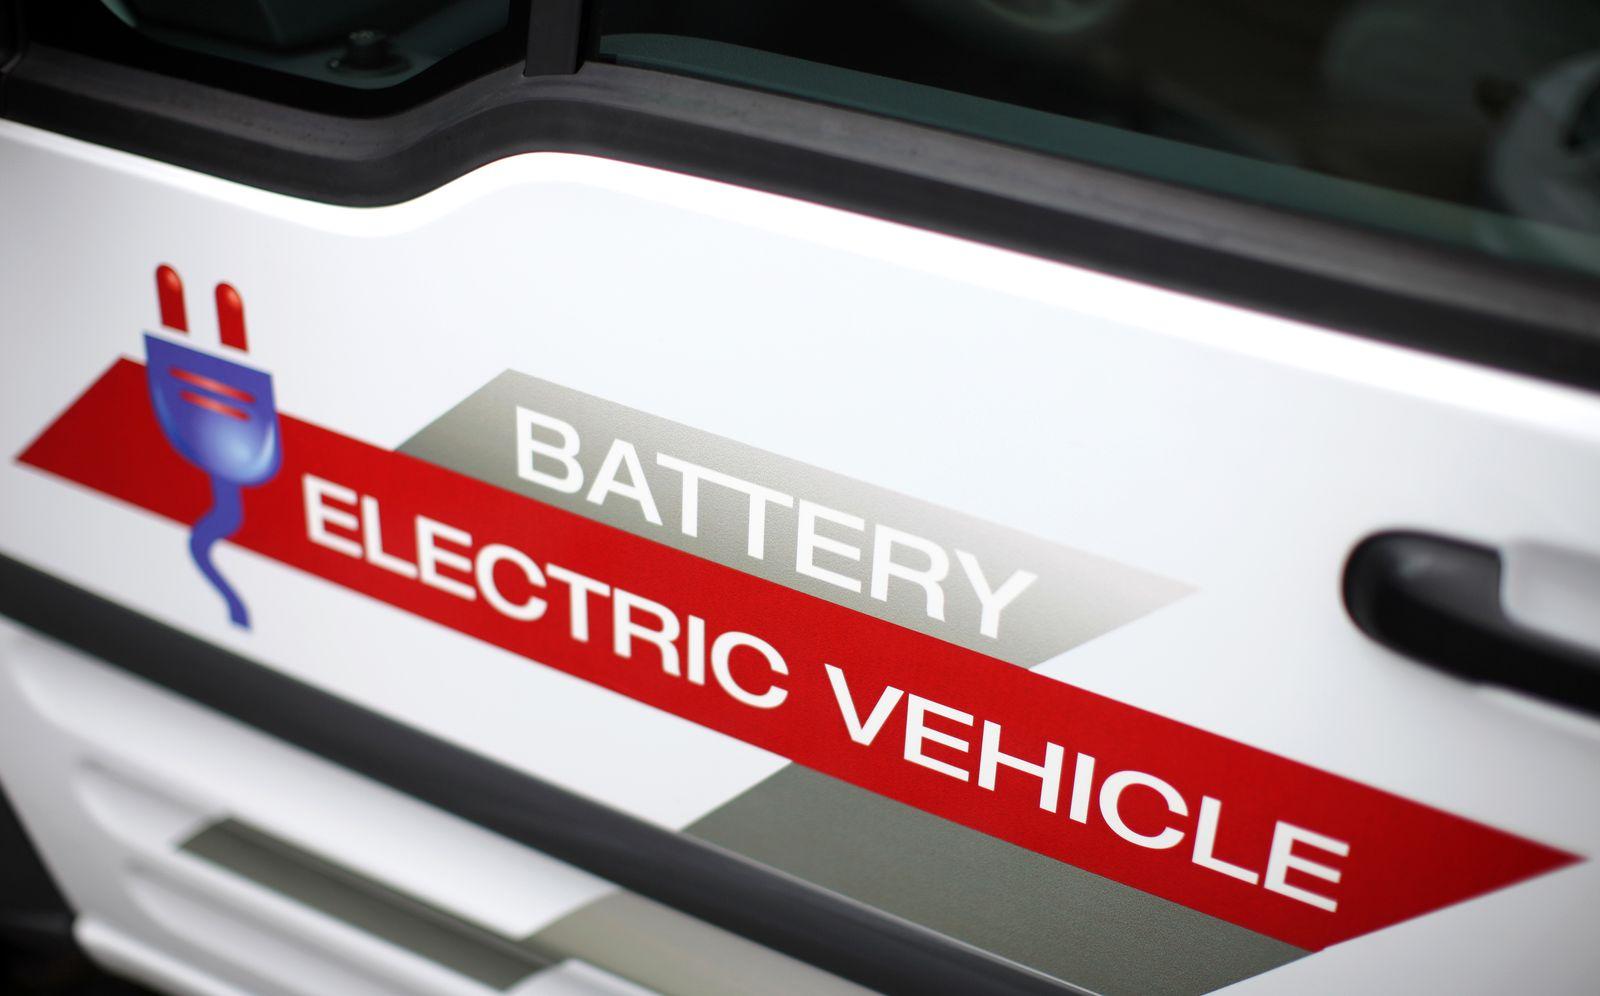 Elektro-Mobilität / Elektro-Mobil